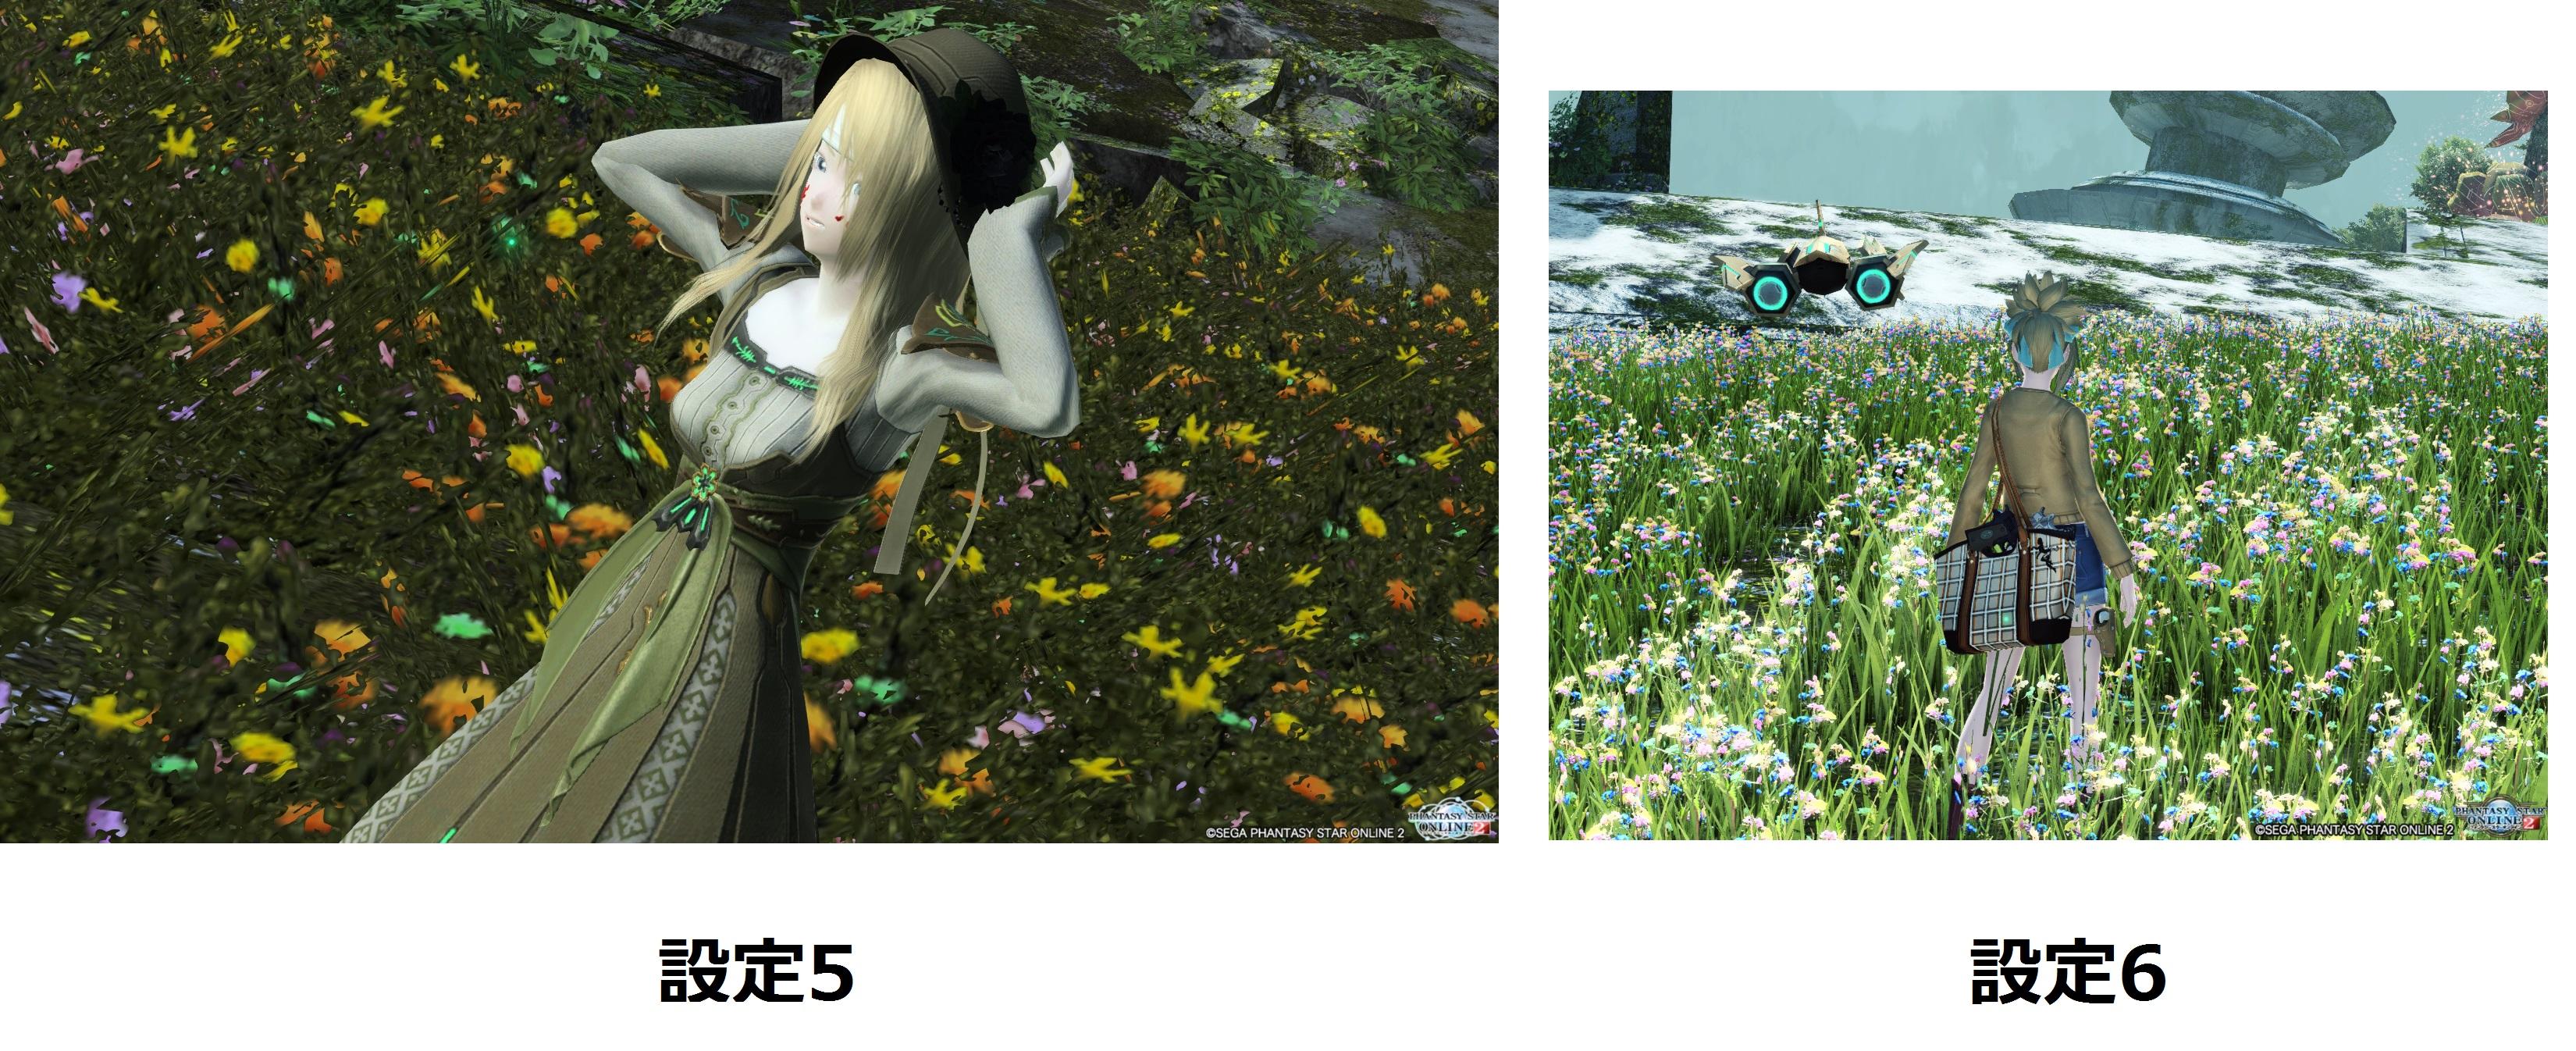 設定6で変わった、と思われる花